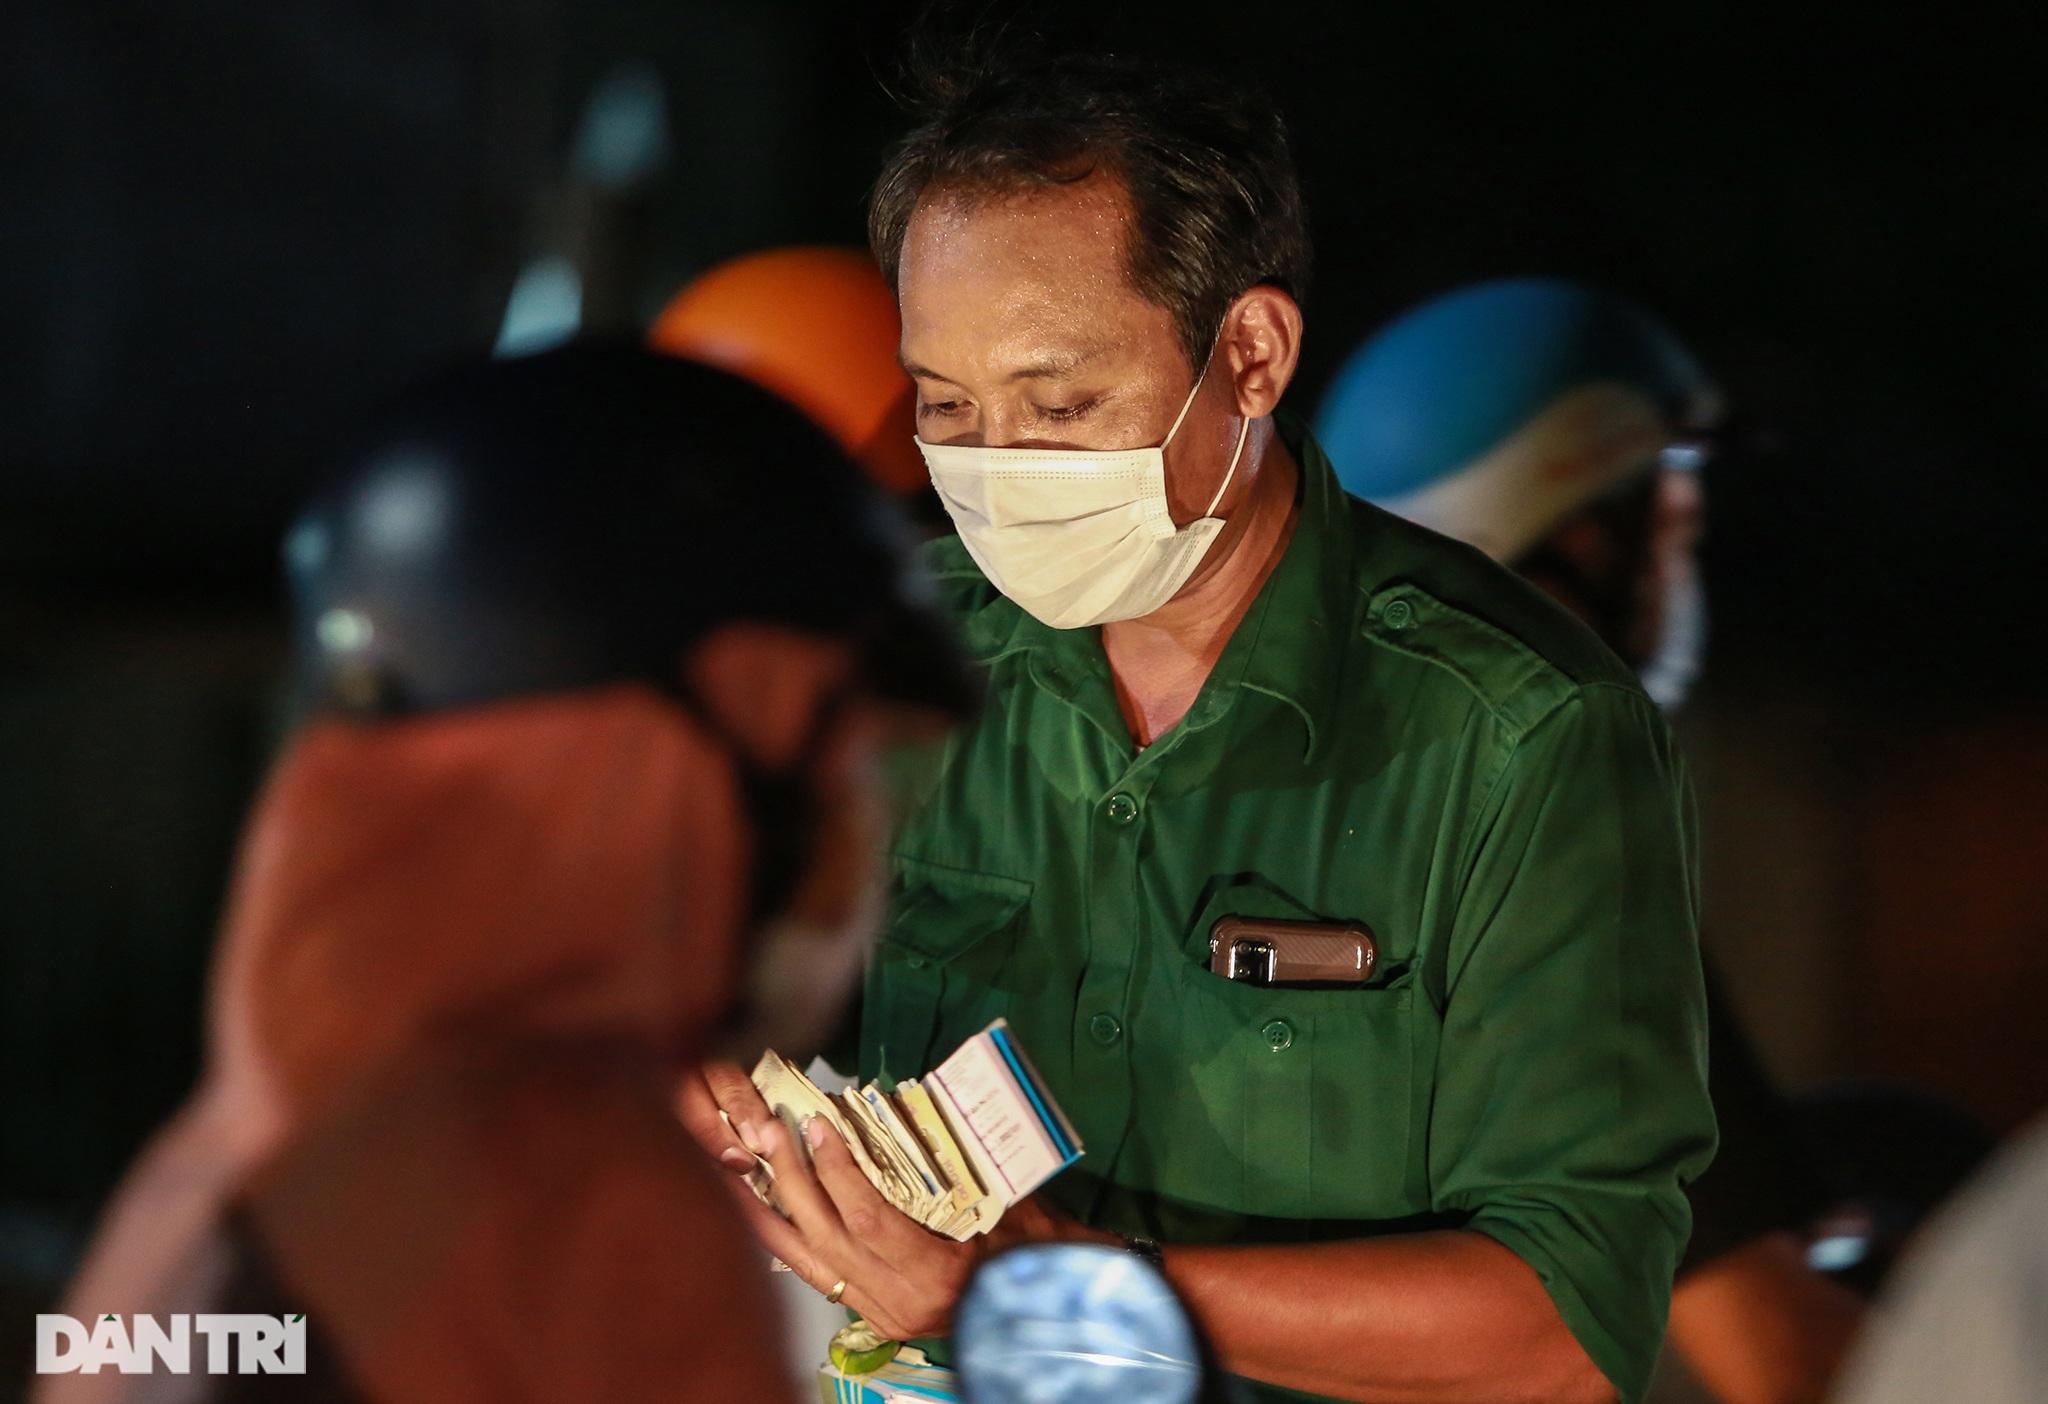 Người dân trở lại Sài Gòn sớm, giao thông cửa ngõ ùn tắc, hỗn loạn - 5